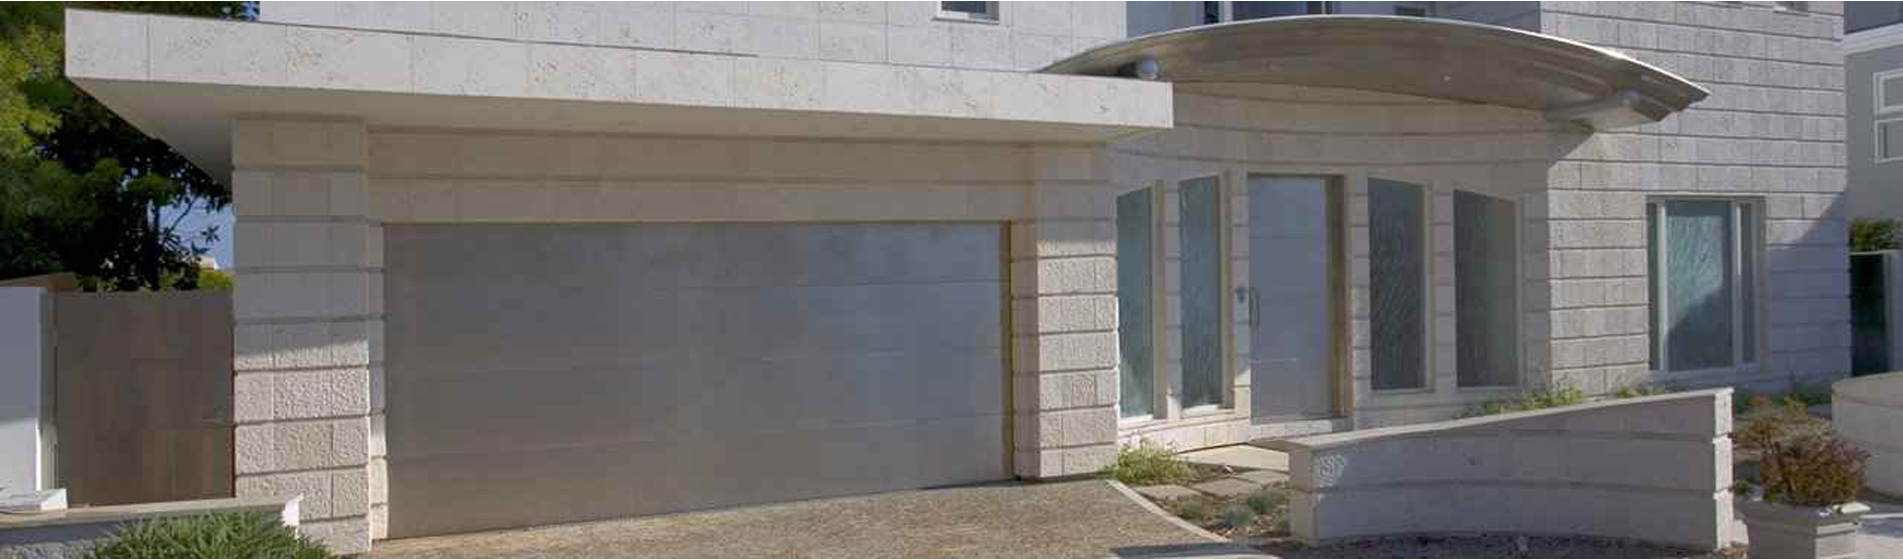 prix porte de garage avec portillon 13 Bouches-du-Rhône